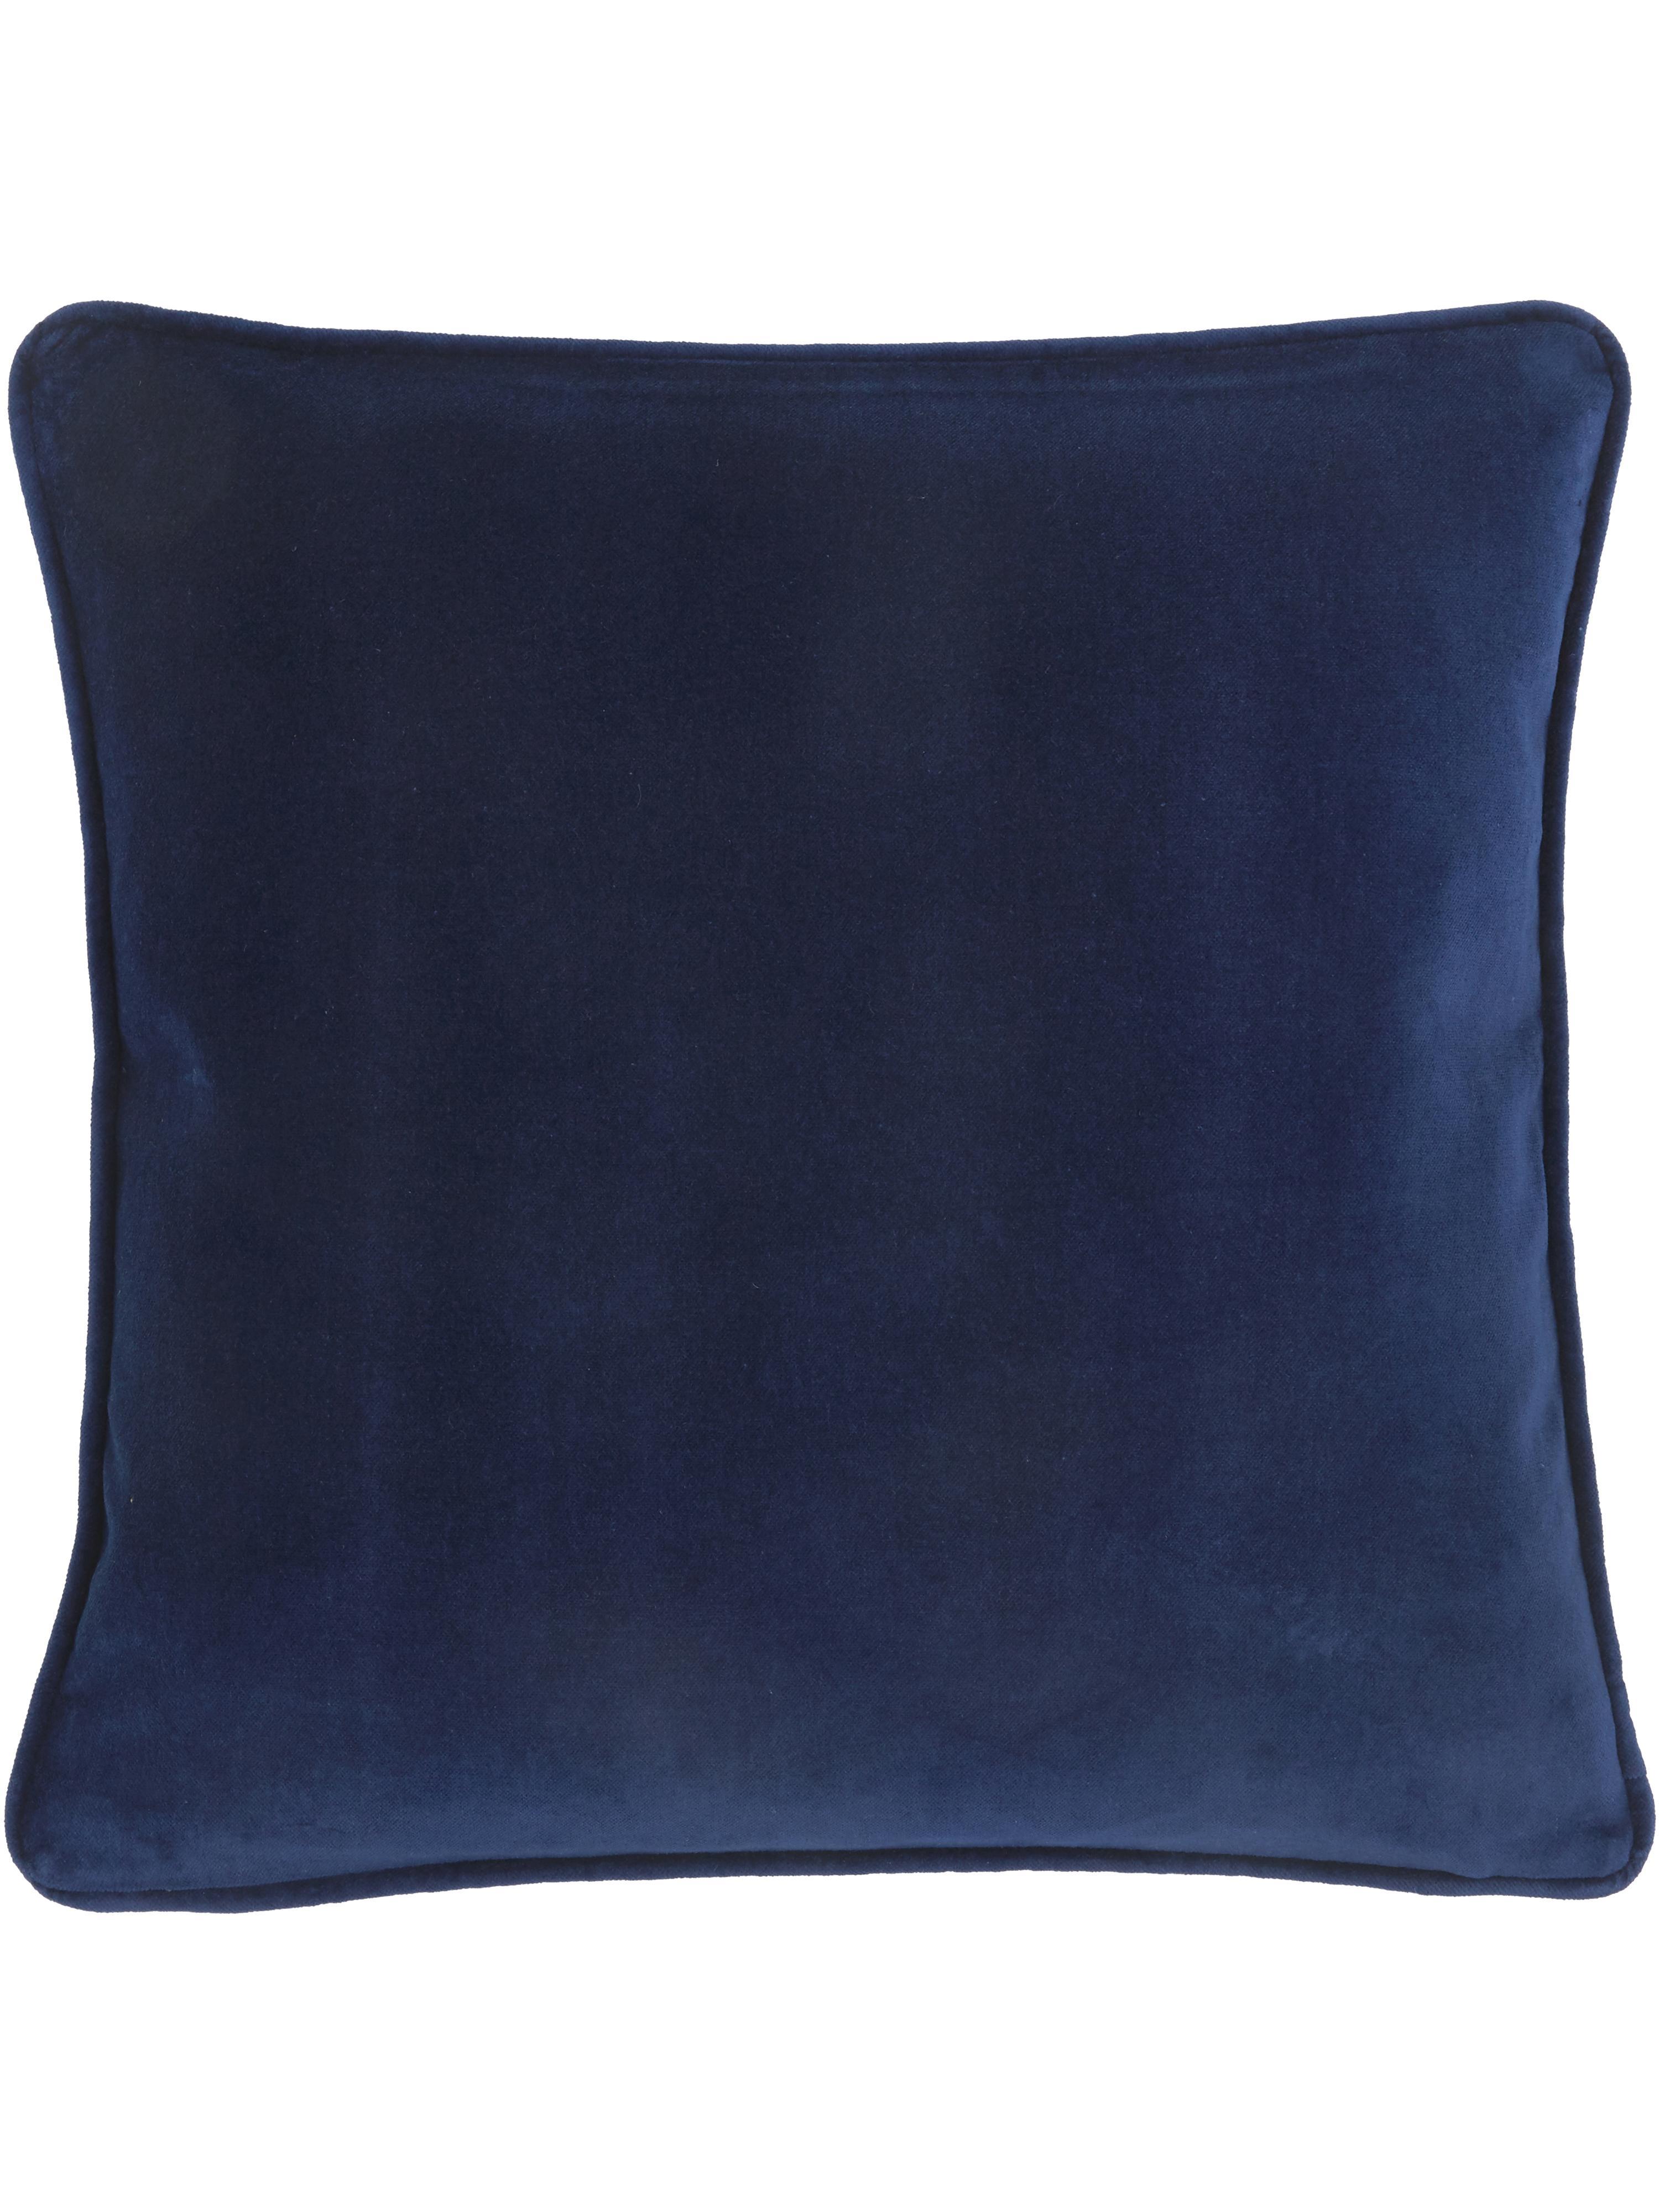 Housse de coussin en velours bleu marine Dana, Bleu marine